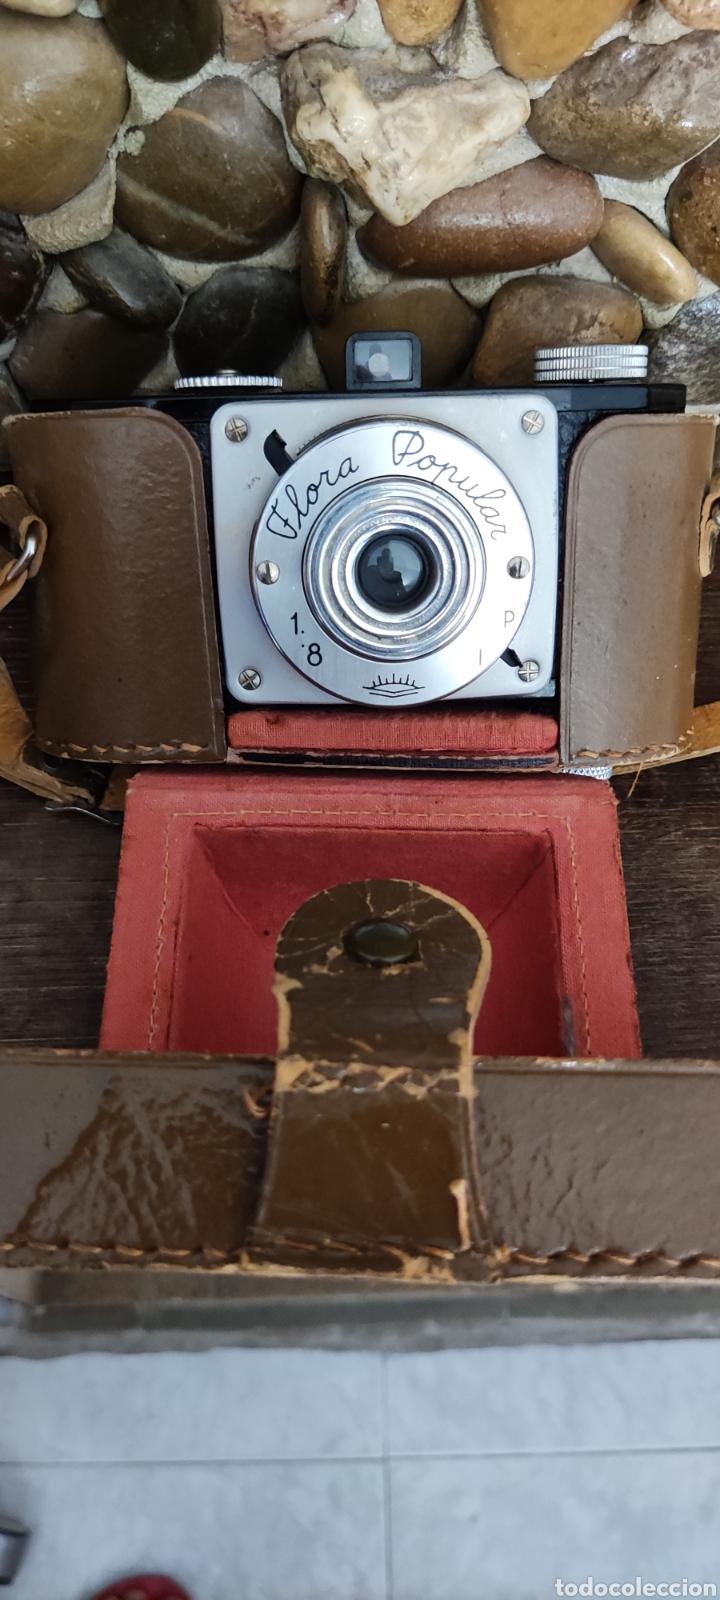 Cámara de fotos: Antigua cámara fotográfica Flora Popular fabricada en España con Su funda - Foto 5 - 288050808